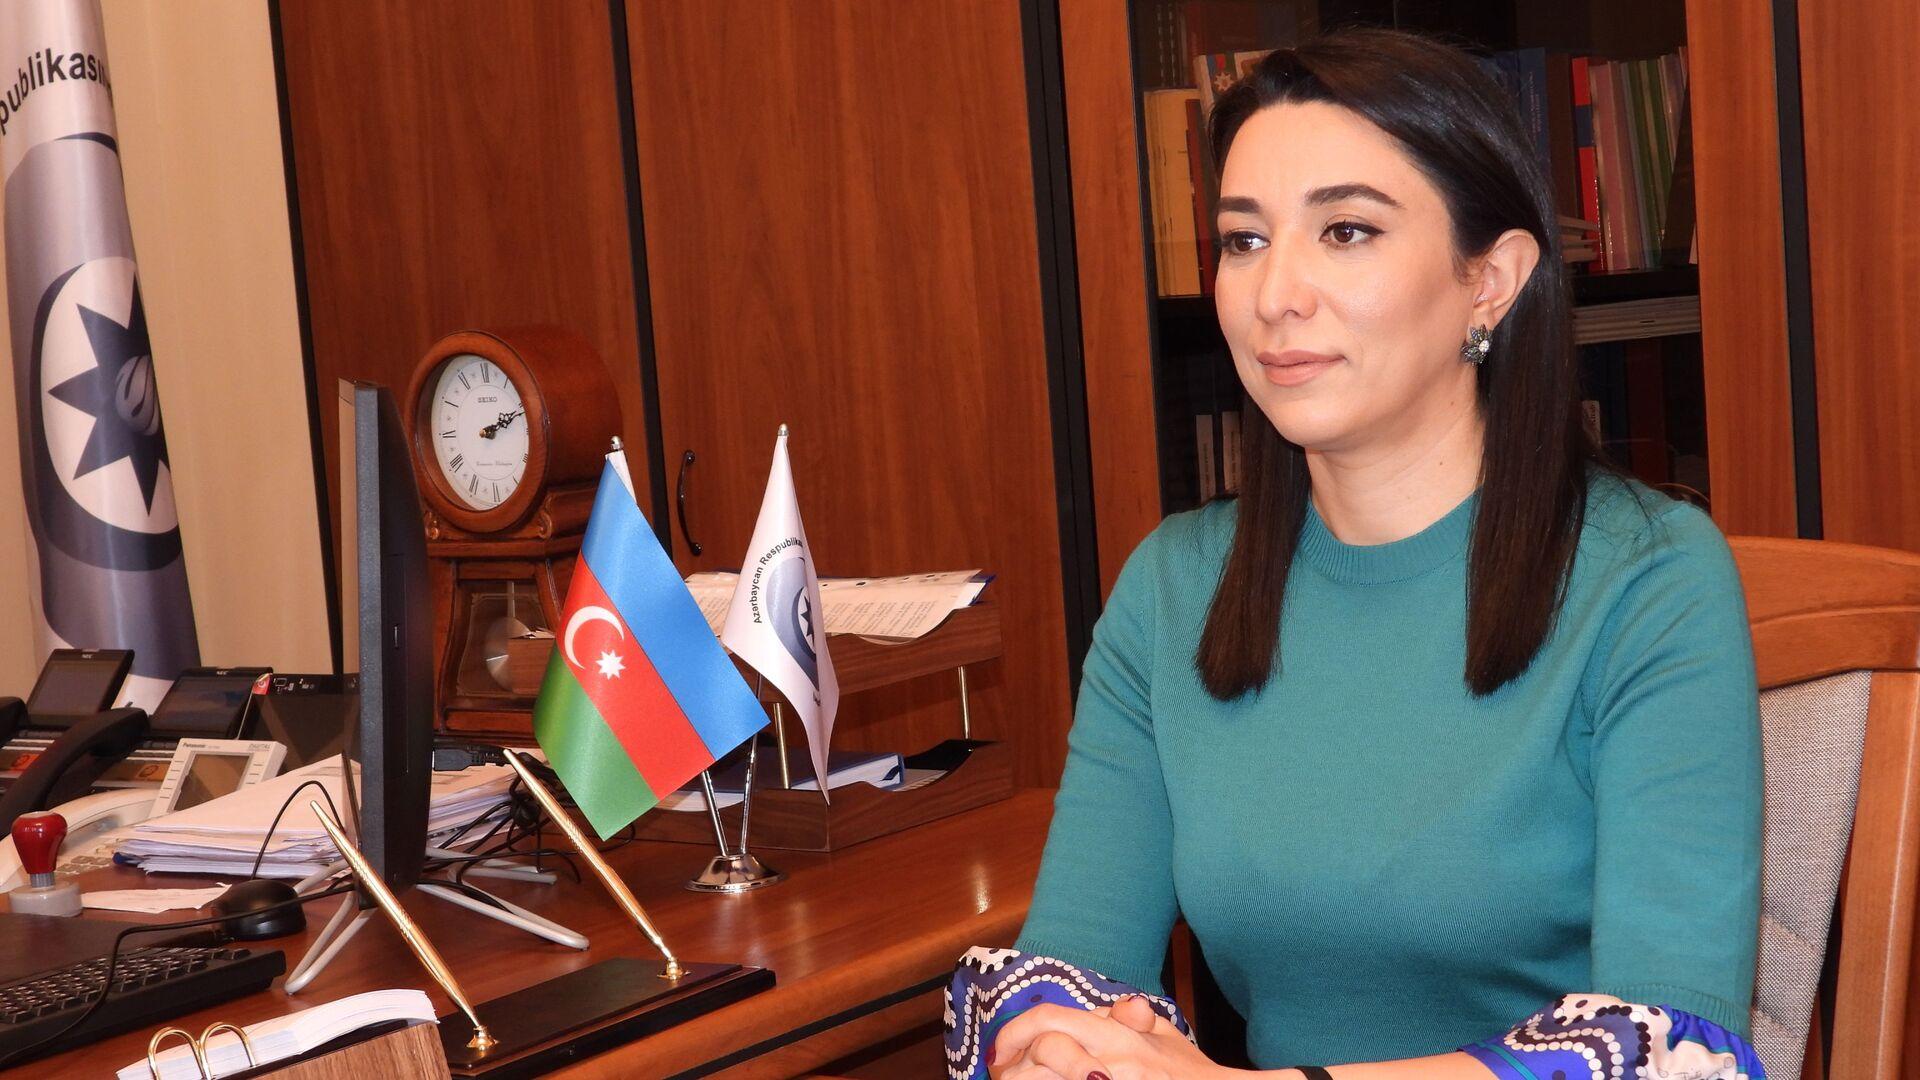 Azərbaycan Respublikasının İnsan Hüquqları üzrə Müvəkkili, Ombudsman Səbinə Əliyeva - Sputnik Azərbaycan, 1920, 06.10.2021